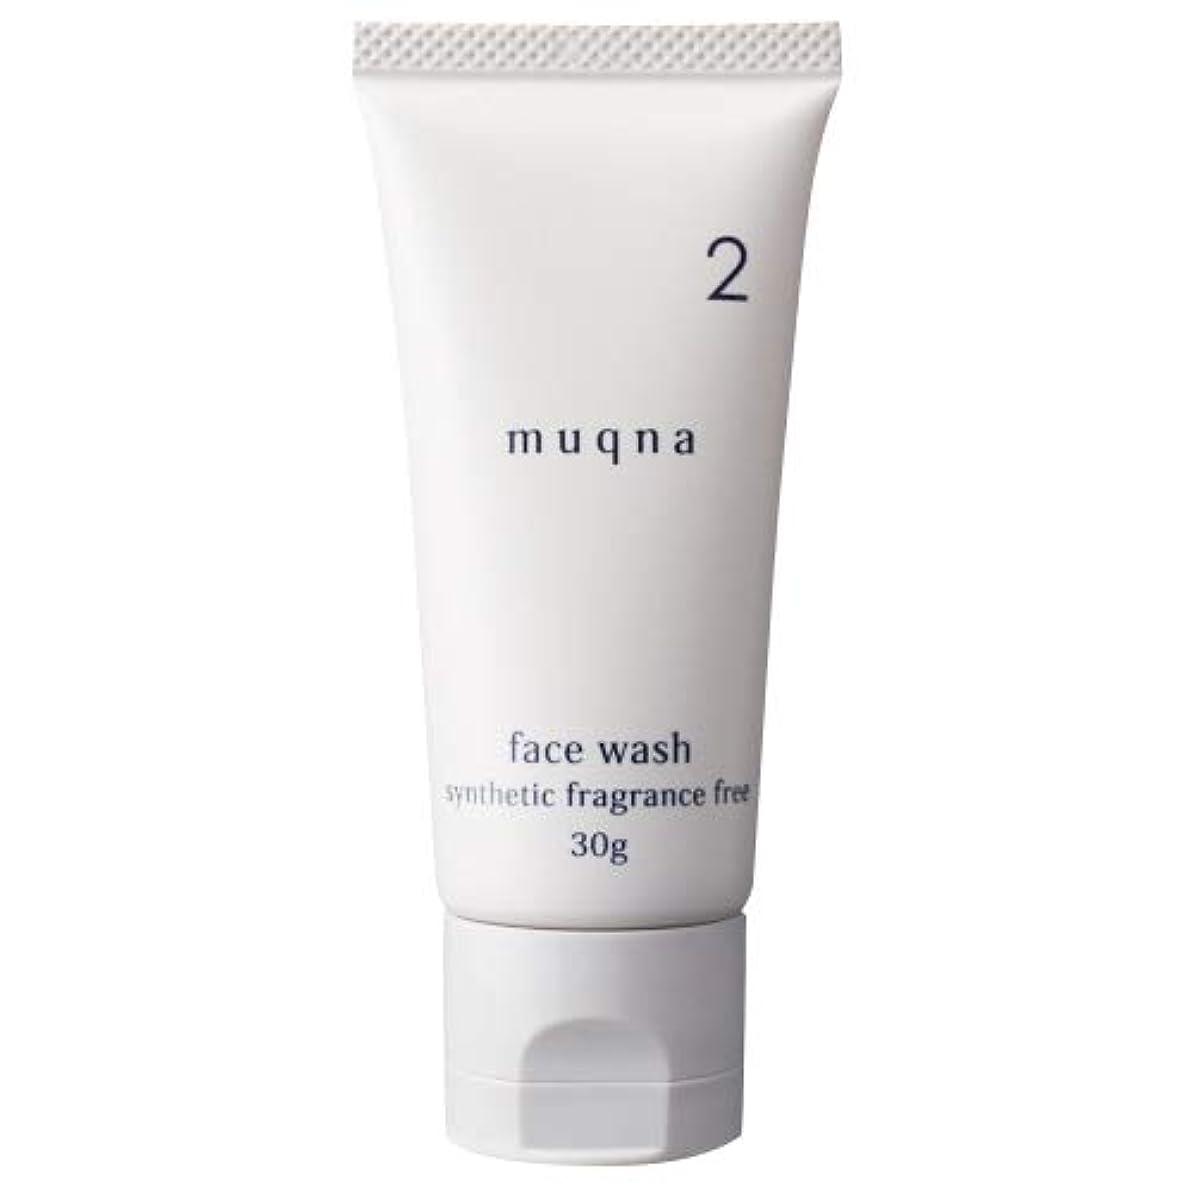 応答ブレーク圧縮された東急ハンズオリジナル muqna(ムクナ) 洗顔フォーム 30g